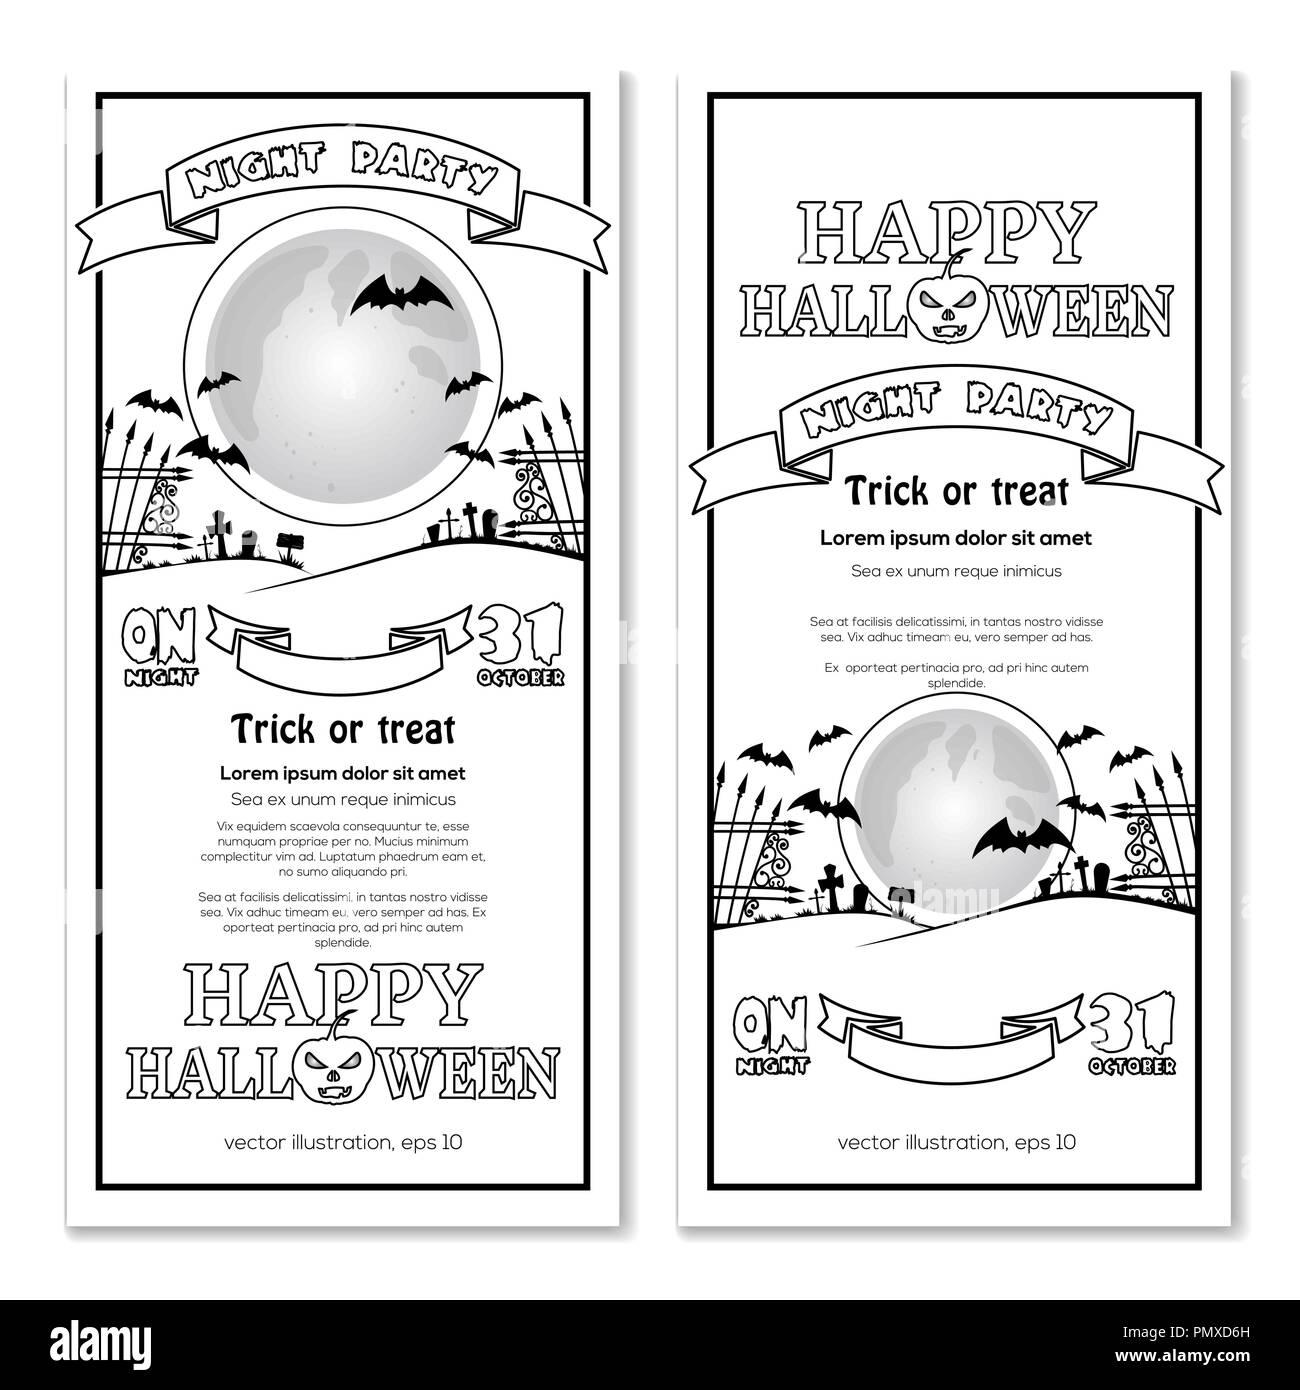 Halloween Design Invitation Halloween Night Party Full Moon Over